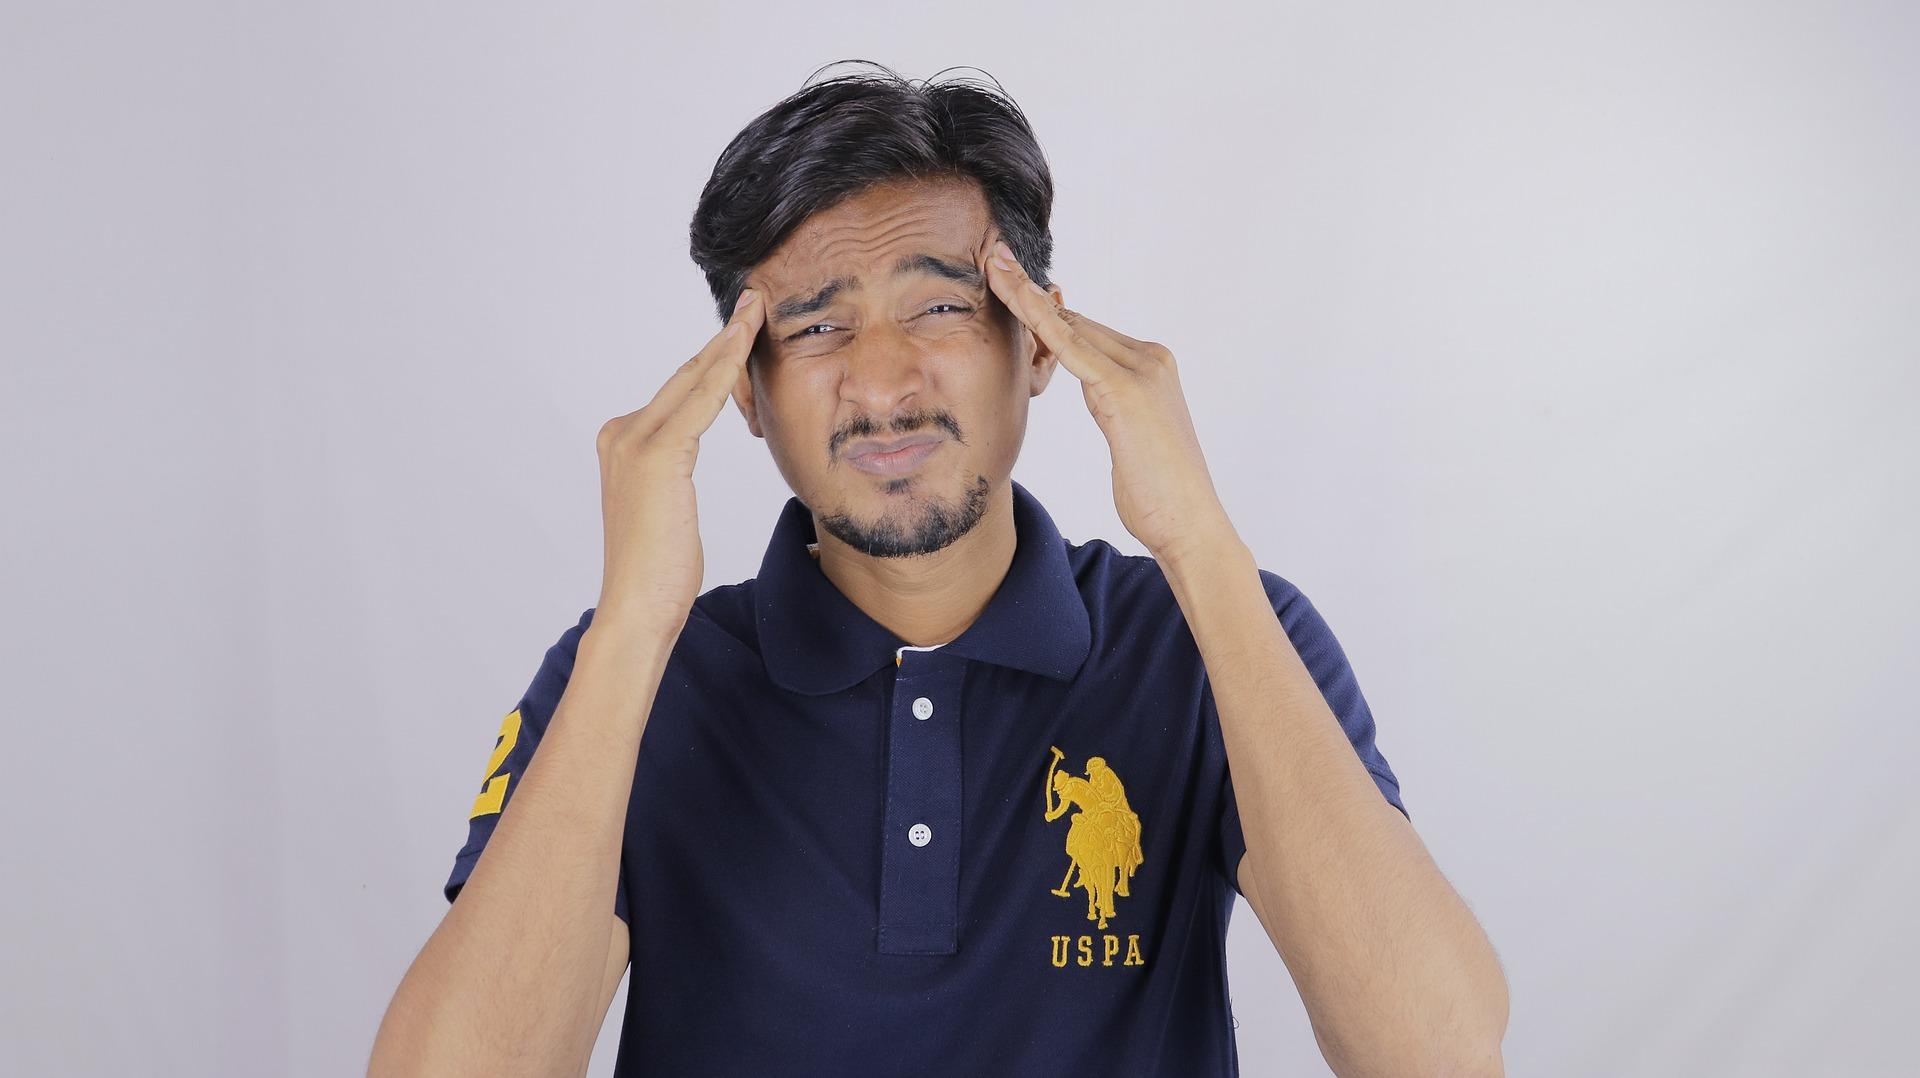 マイコプラズマの症状